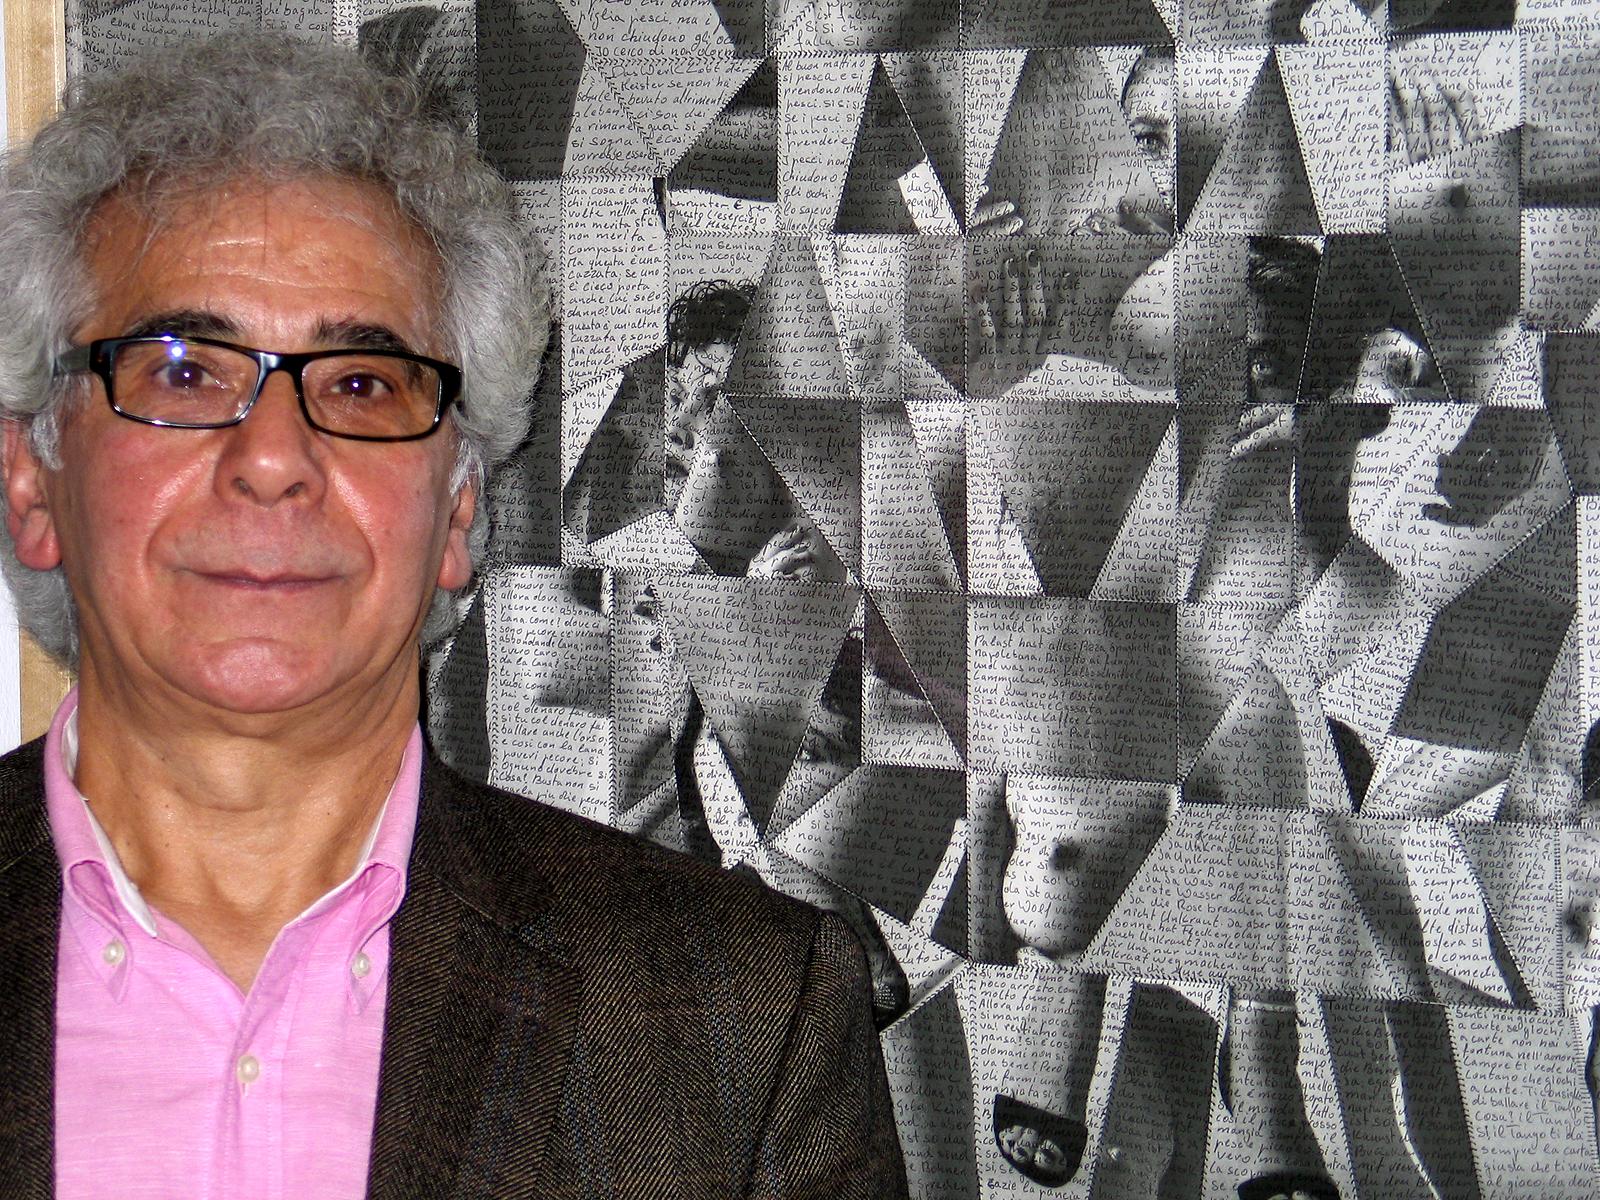 Künstler Hannover file lister künstler atelierrundgang 2012 eröffnung